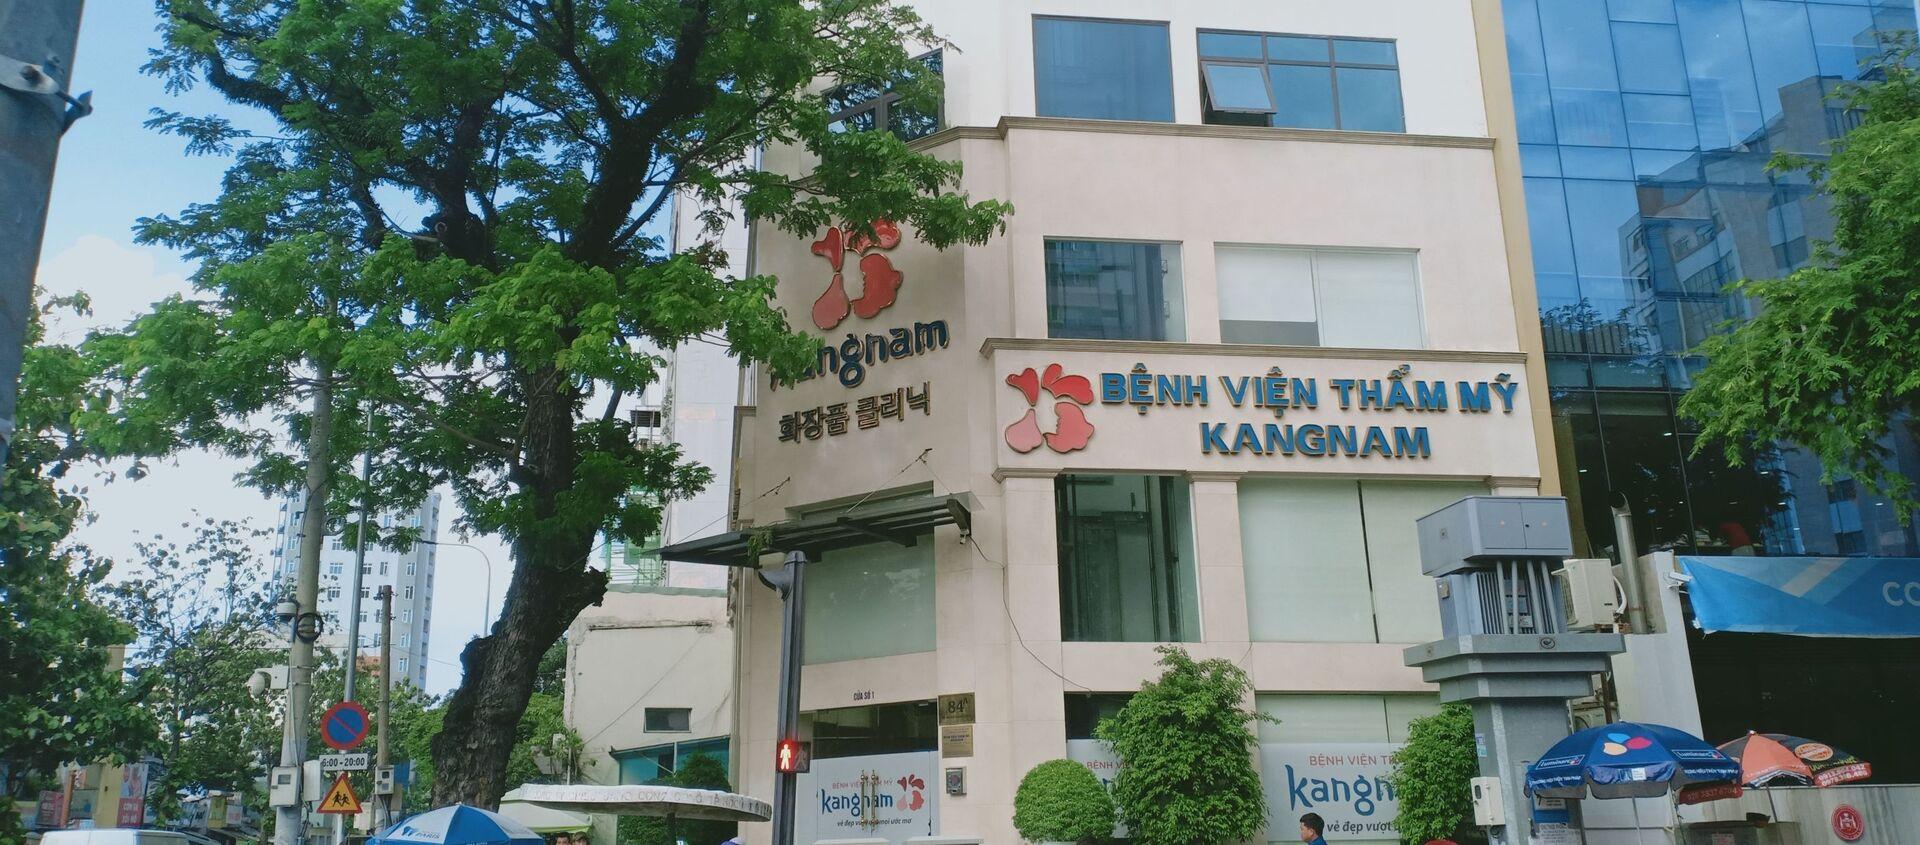 Bệnh viện thẩm mỹ Kangnam tại địa chỉ 84A, đường Bà Huyện Thanh Quan, quận 3, thành phố Hồ Chí Minh. - Sputnik Việt Nam, 1920, 15.10.2019